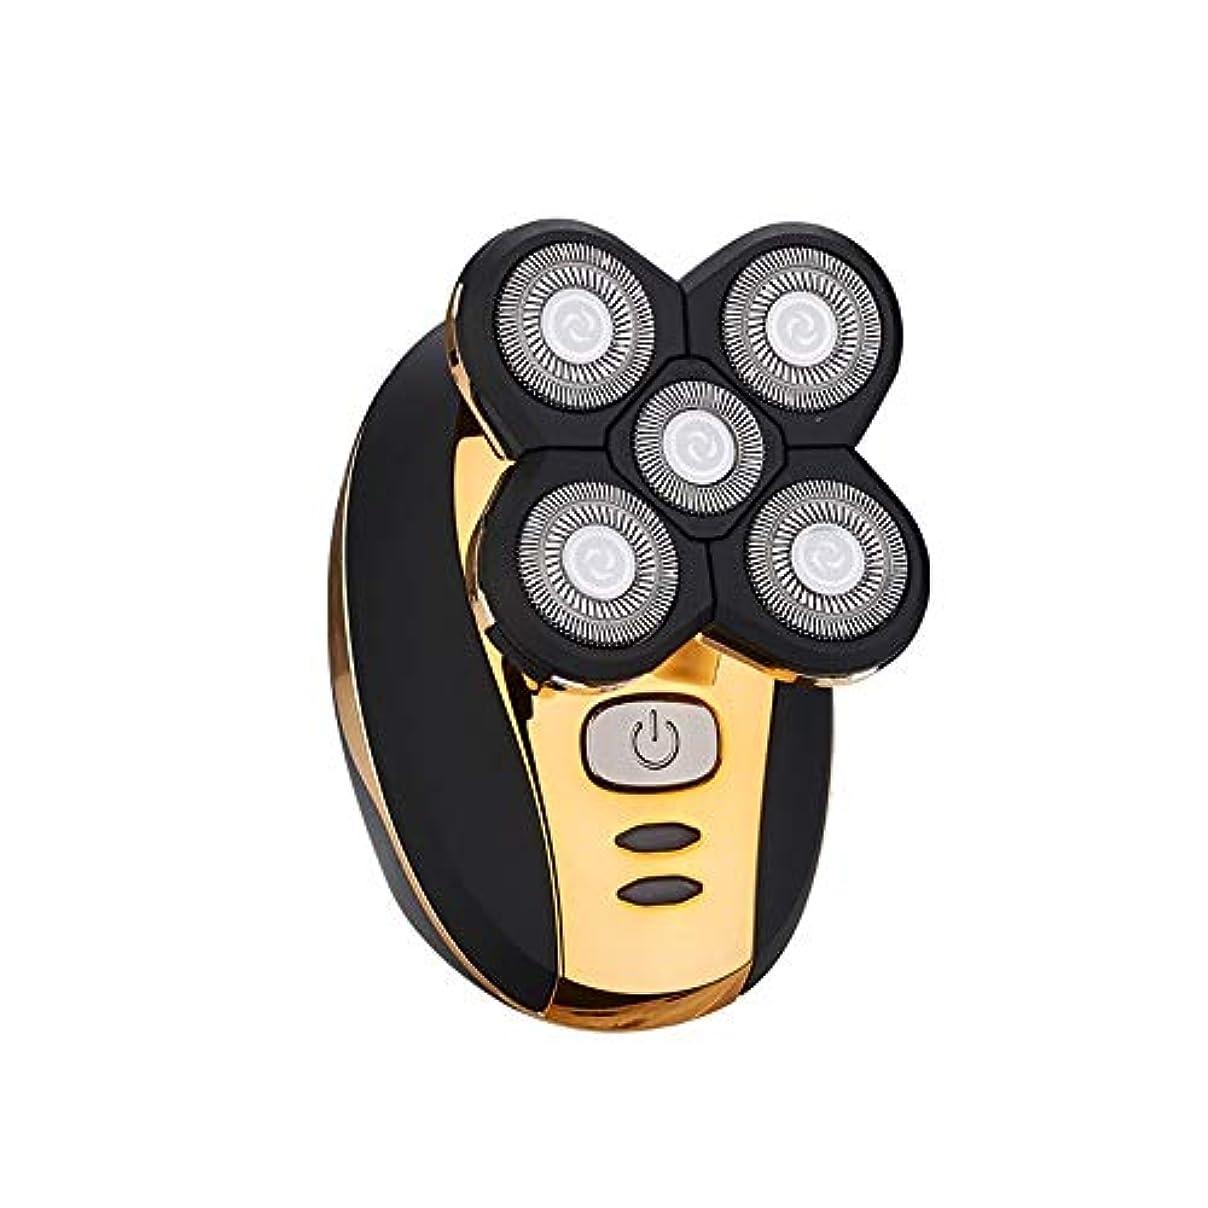 付ける昇進アスペクトバリカン メンズセルフサービスバリカン大人の電気かみそり特別エレクトリックシェービングヘッドレイザー 業務用 家庭用 子供用 (Color : Gold, Size : One size)